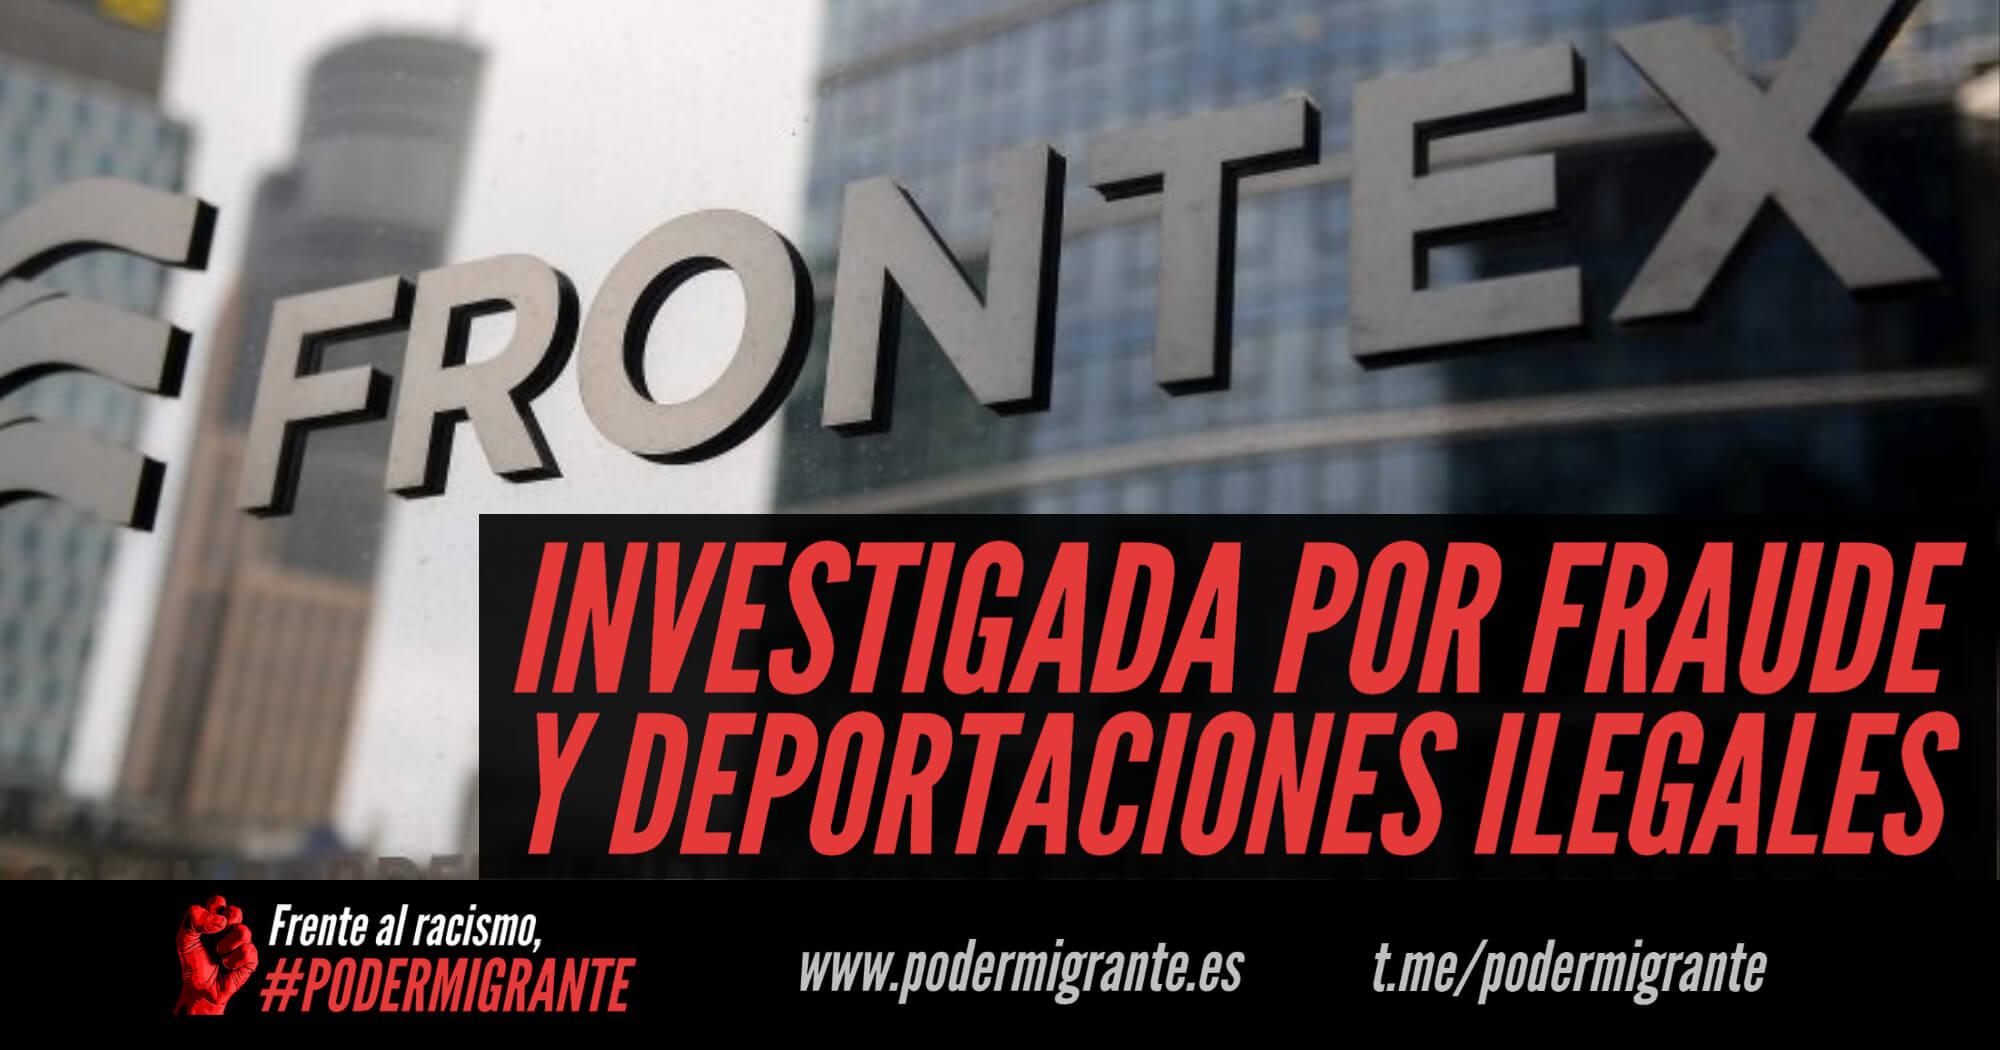 FRONTEX INVESTIGADA POR FRAUDE Y DEPORTACIONES ILEGALES